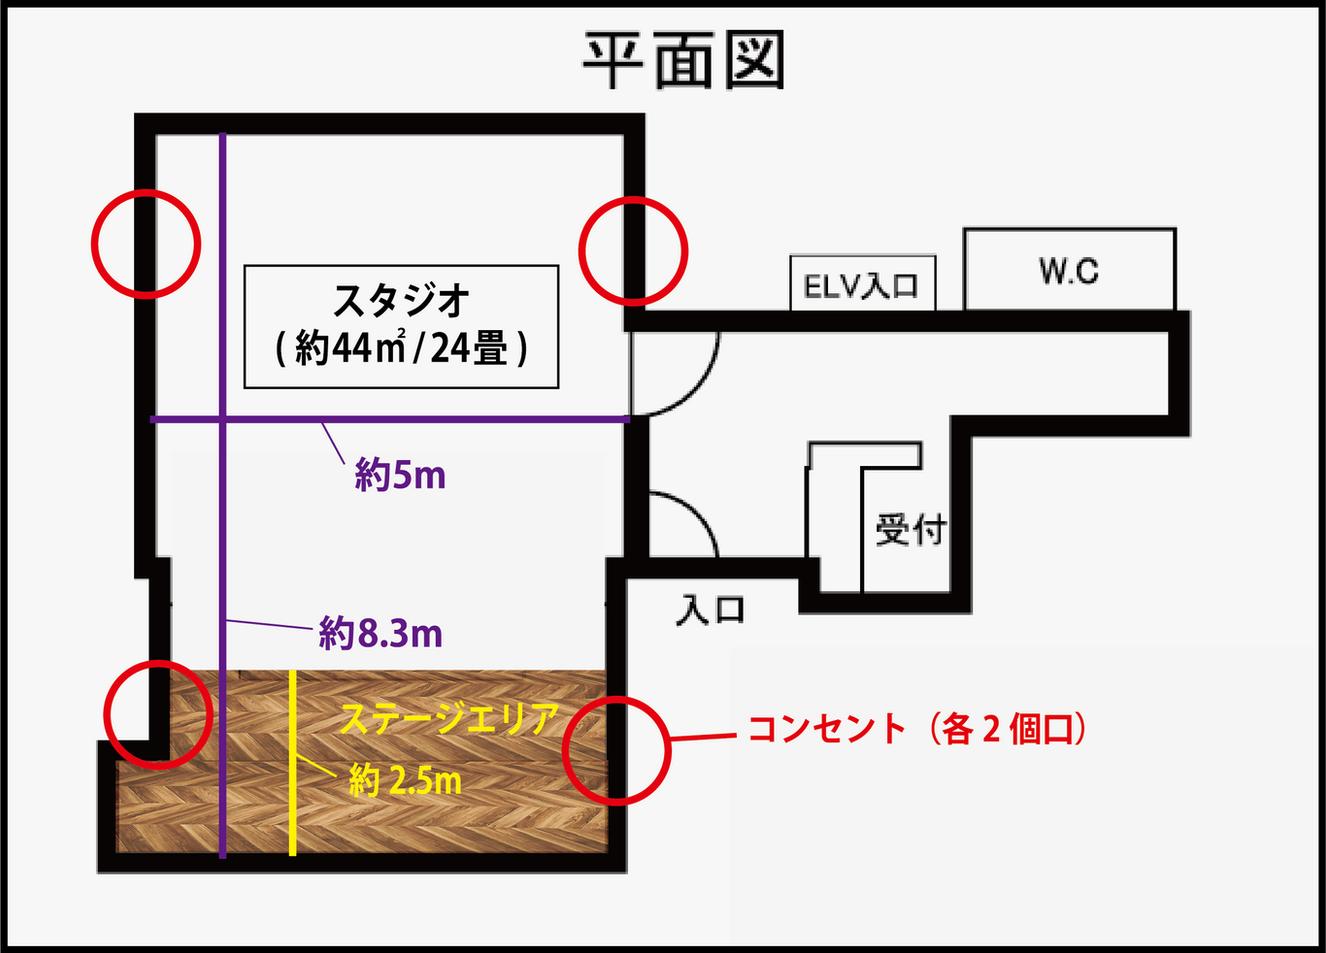 スタジオ図面.png